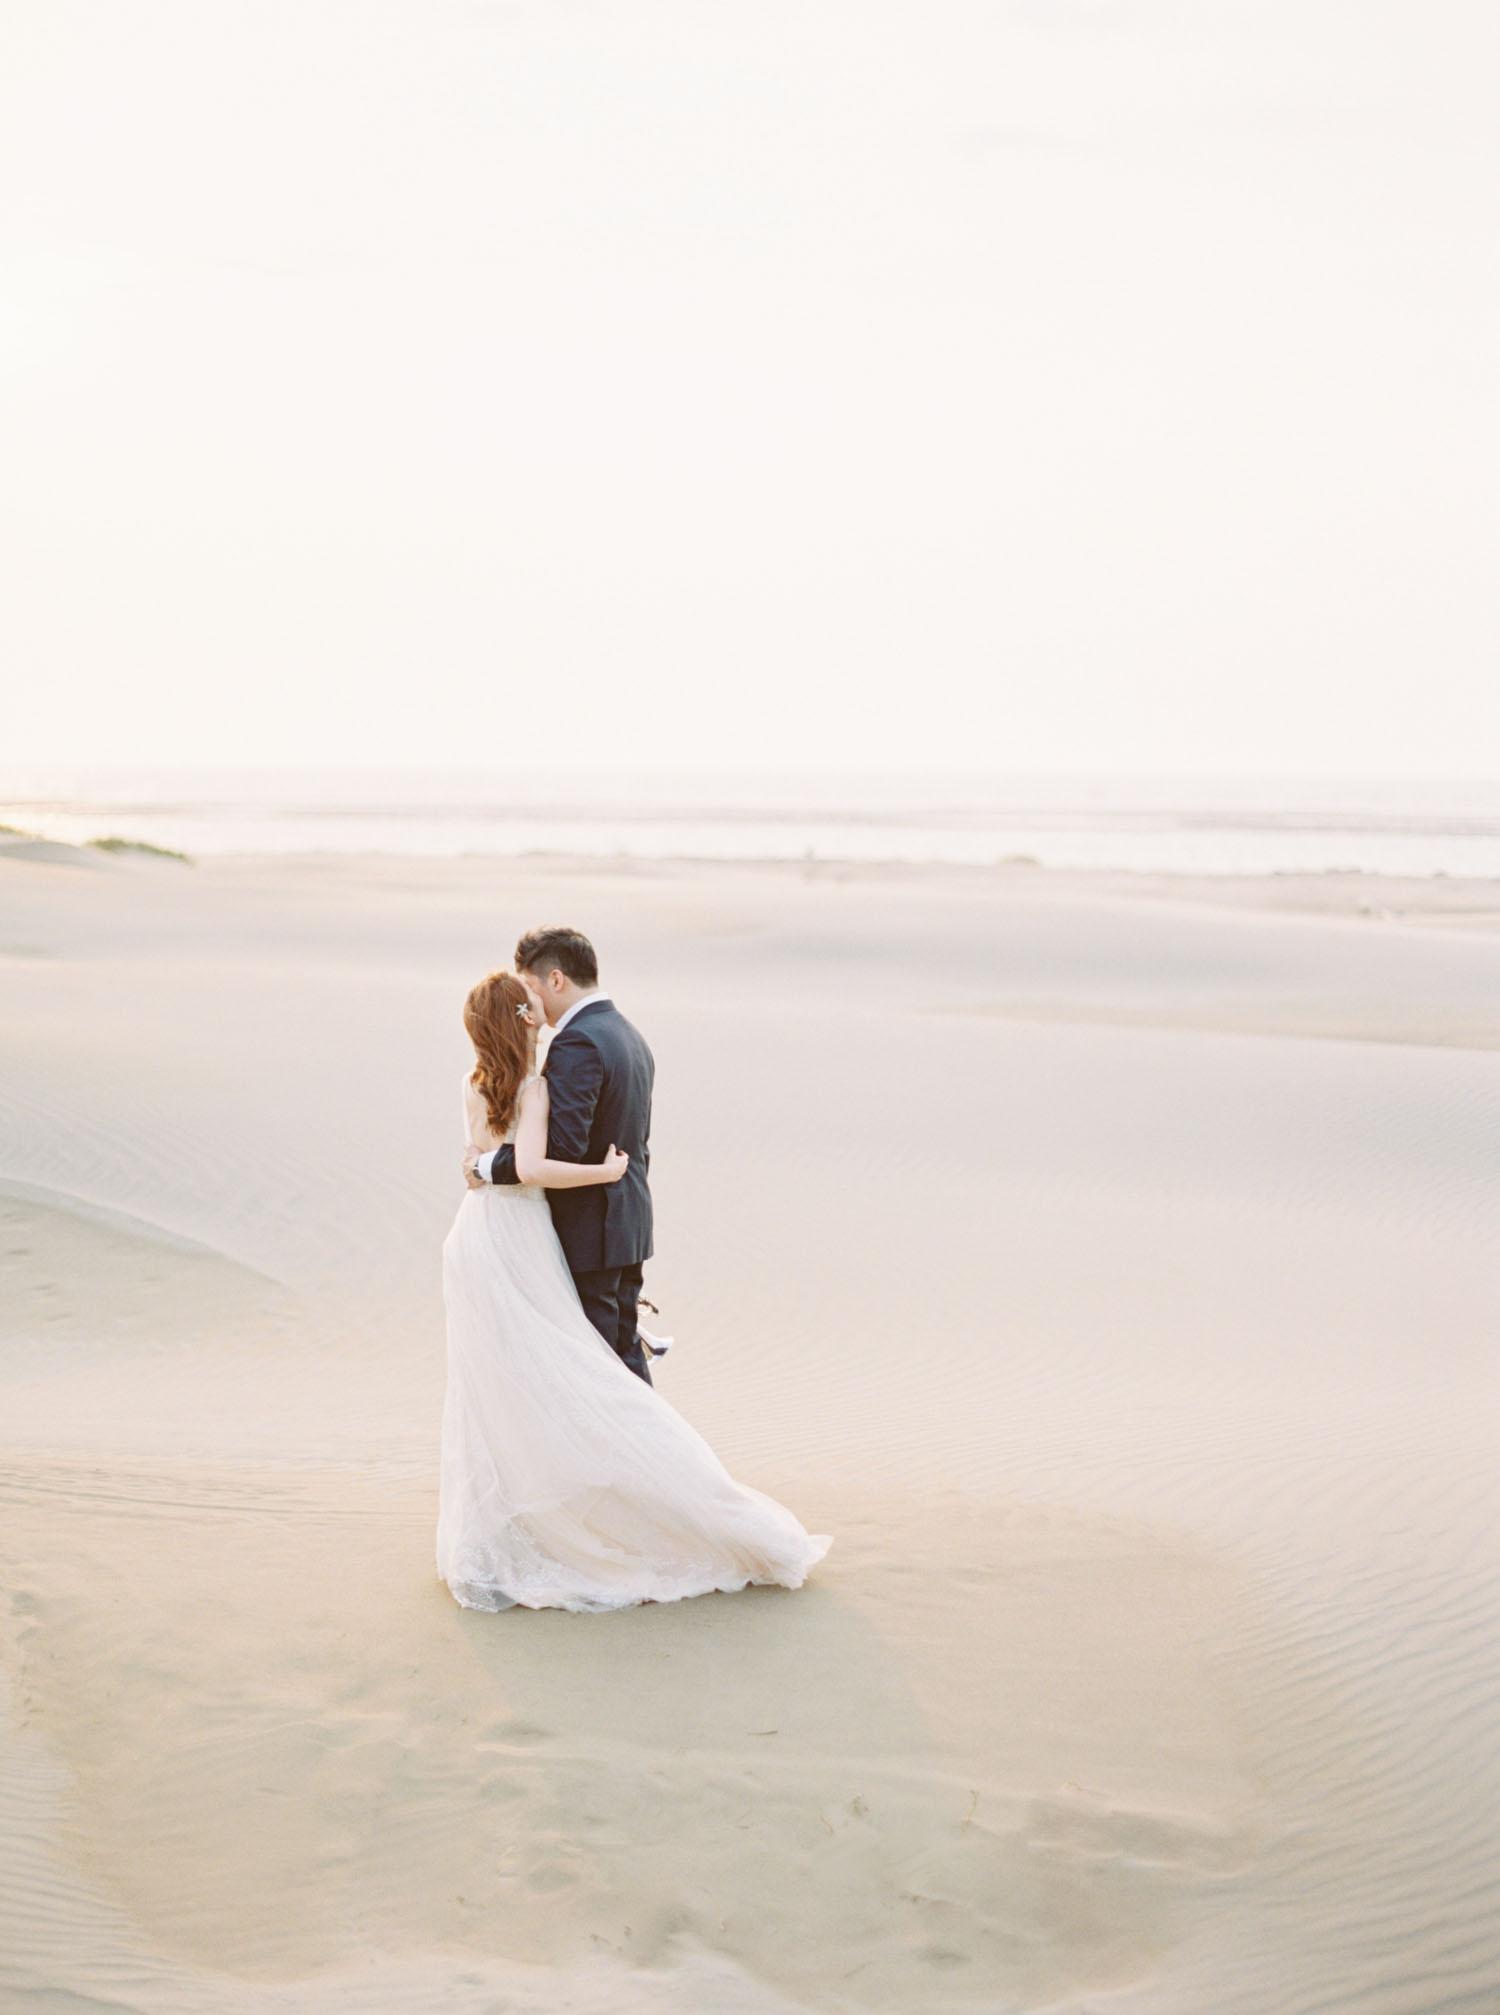 香山 婚紗-Fine-Art-沙漠-海灘-底片-婚紗-逆光